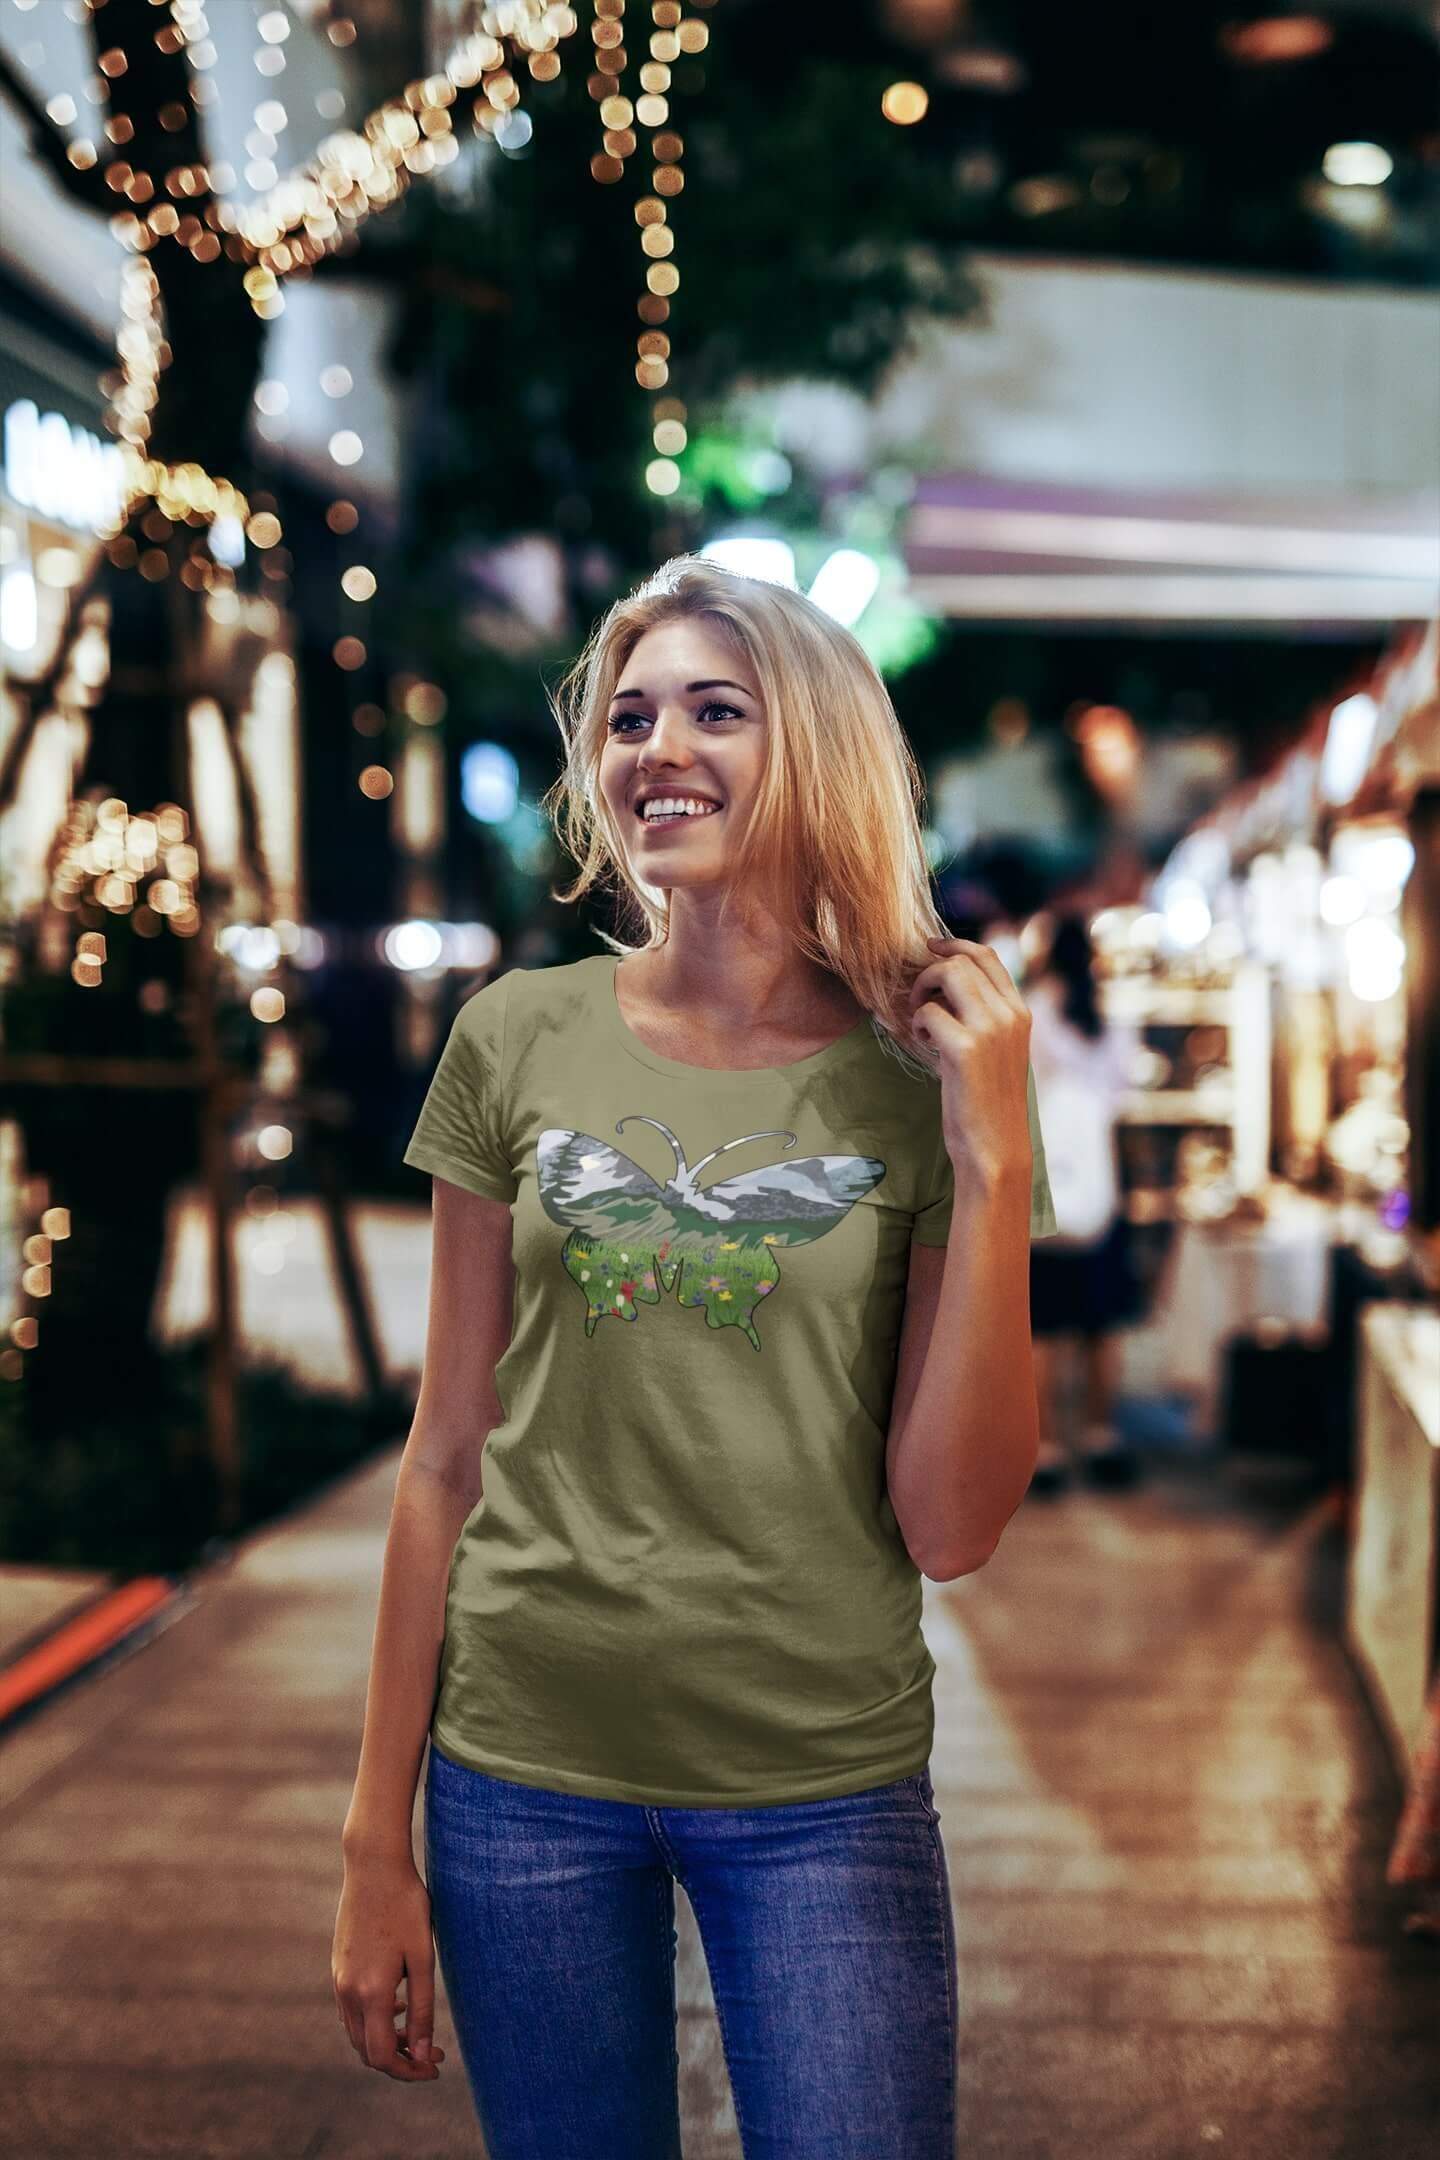 MMO Dámske tričko Motýľ Vyberte farbu: Svetlá khaki, Vyberte veľkosť: S